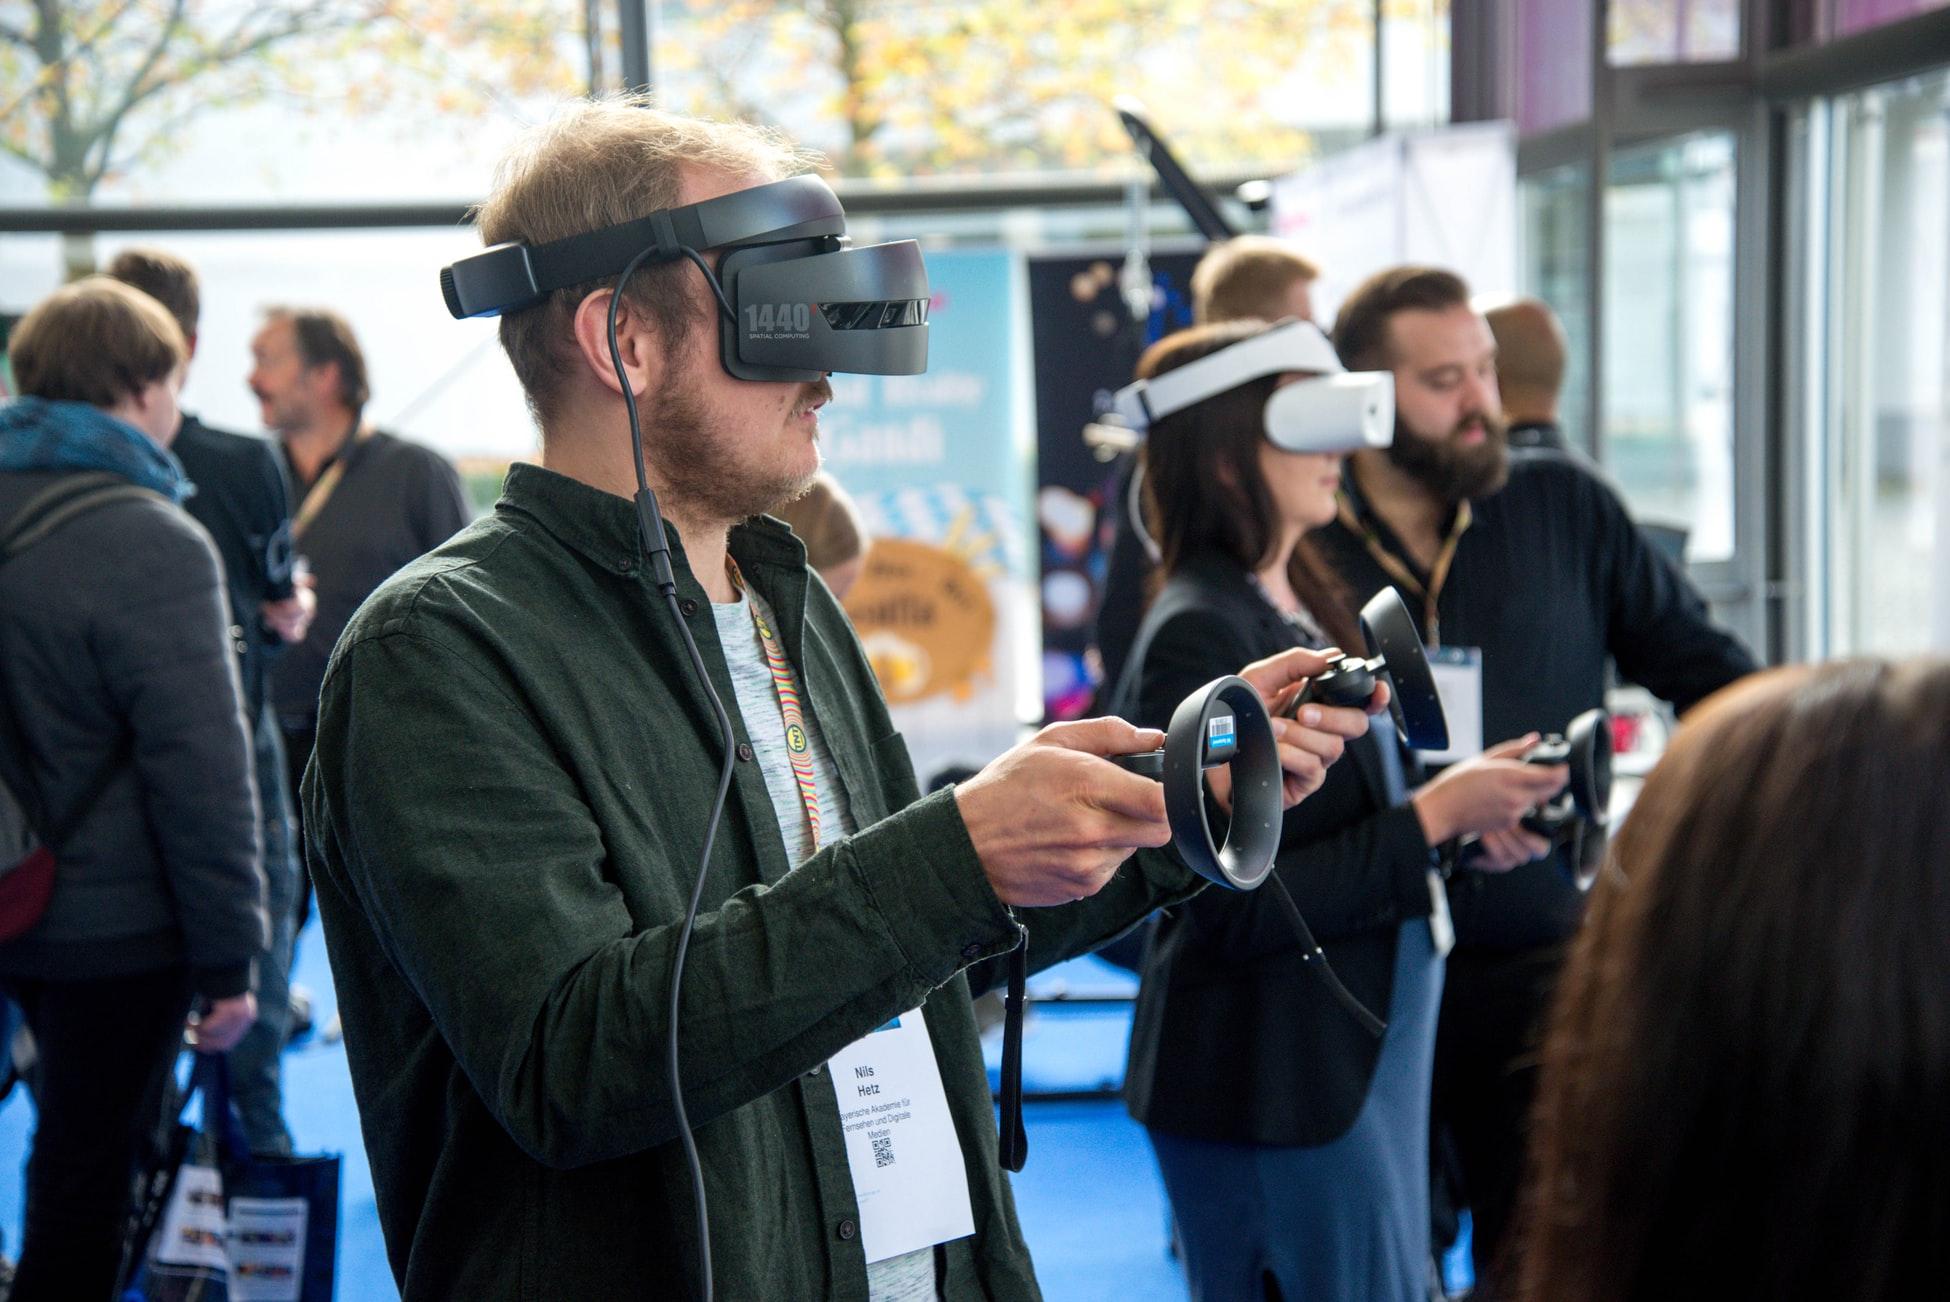 Utilisateur avec un casque de réalité virtuelle lors d'un événement